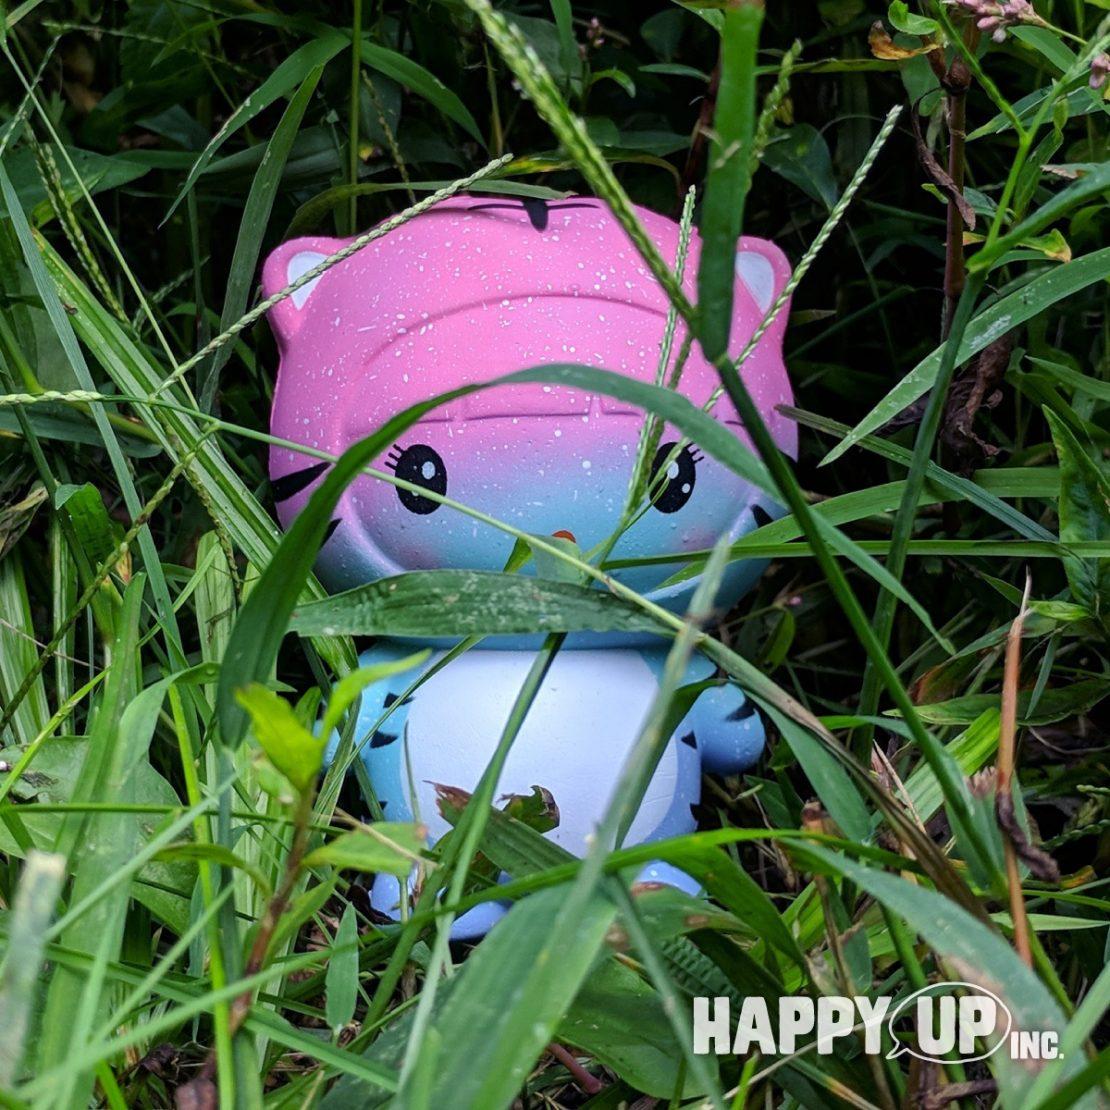 Tiger Girl Stalks the Long Grasses